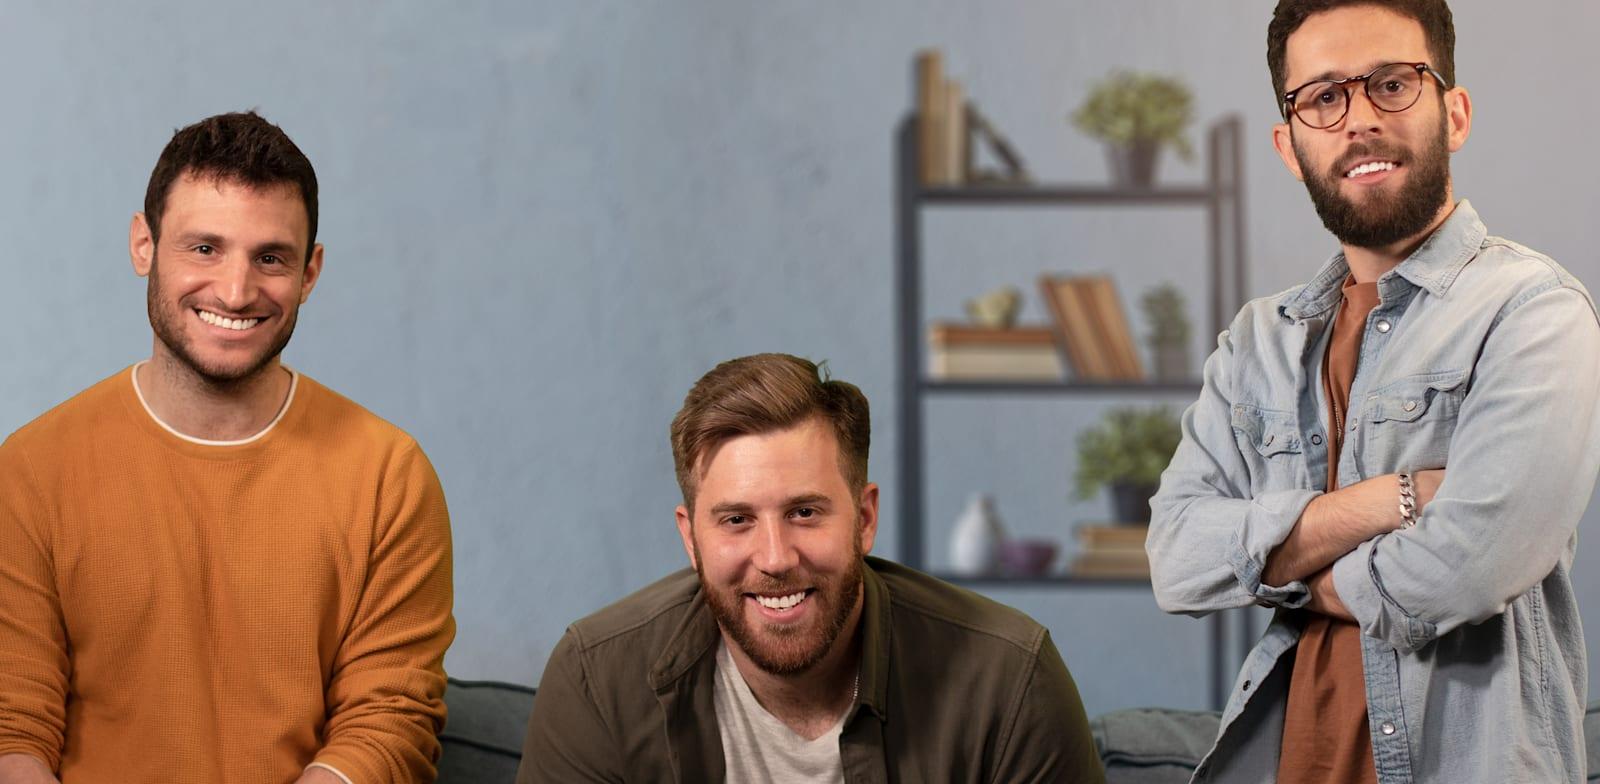 מייסדי אקססיבי, דקל סקופ, גל ויזל ושיר אקרלינג / צילום: אקססיבי